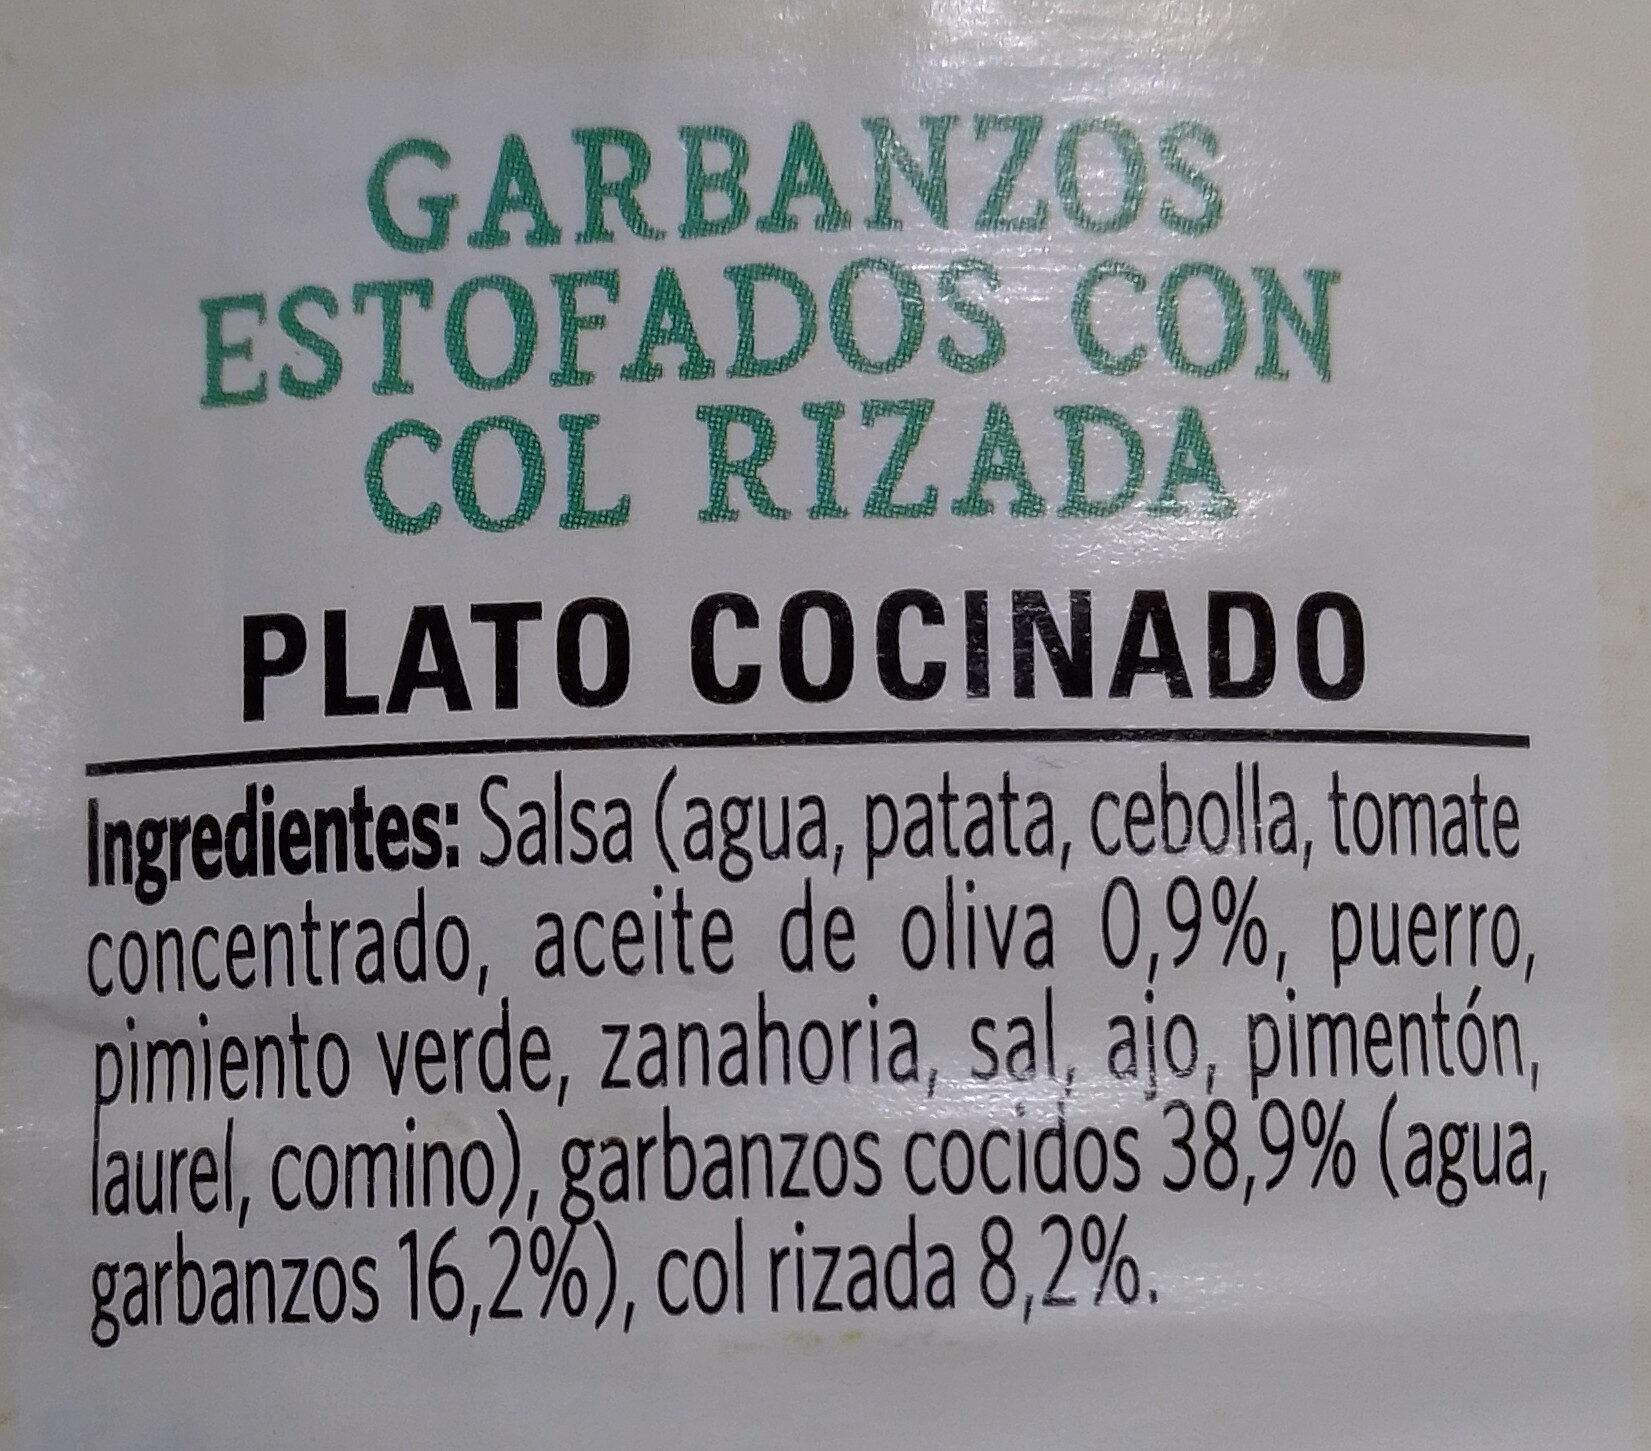 Garbanzos y kale - Ingredients - es